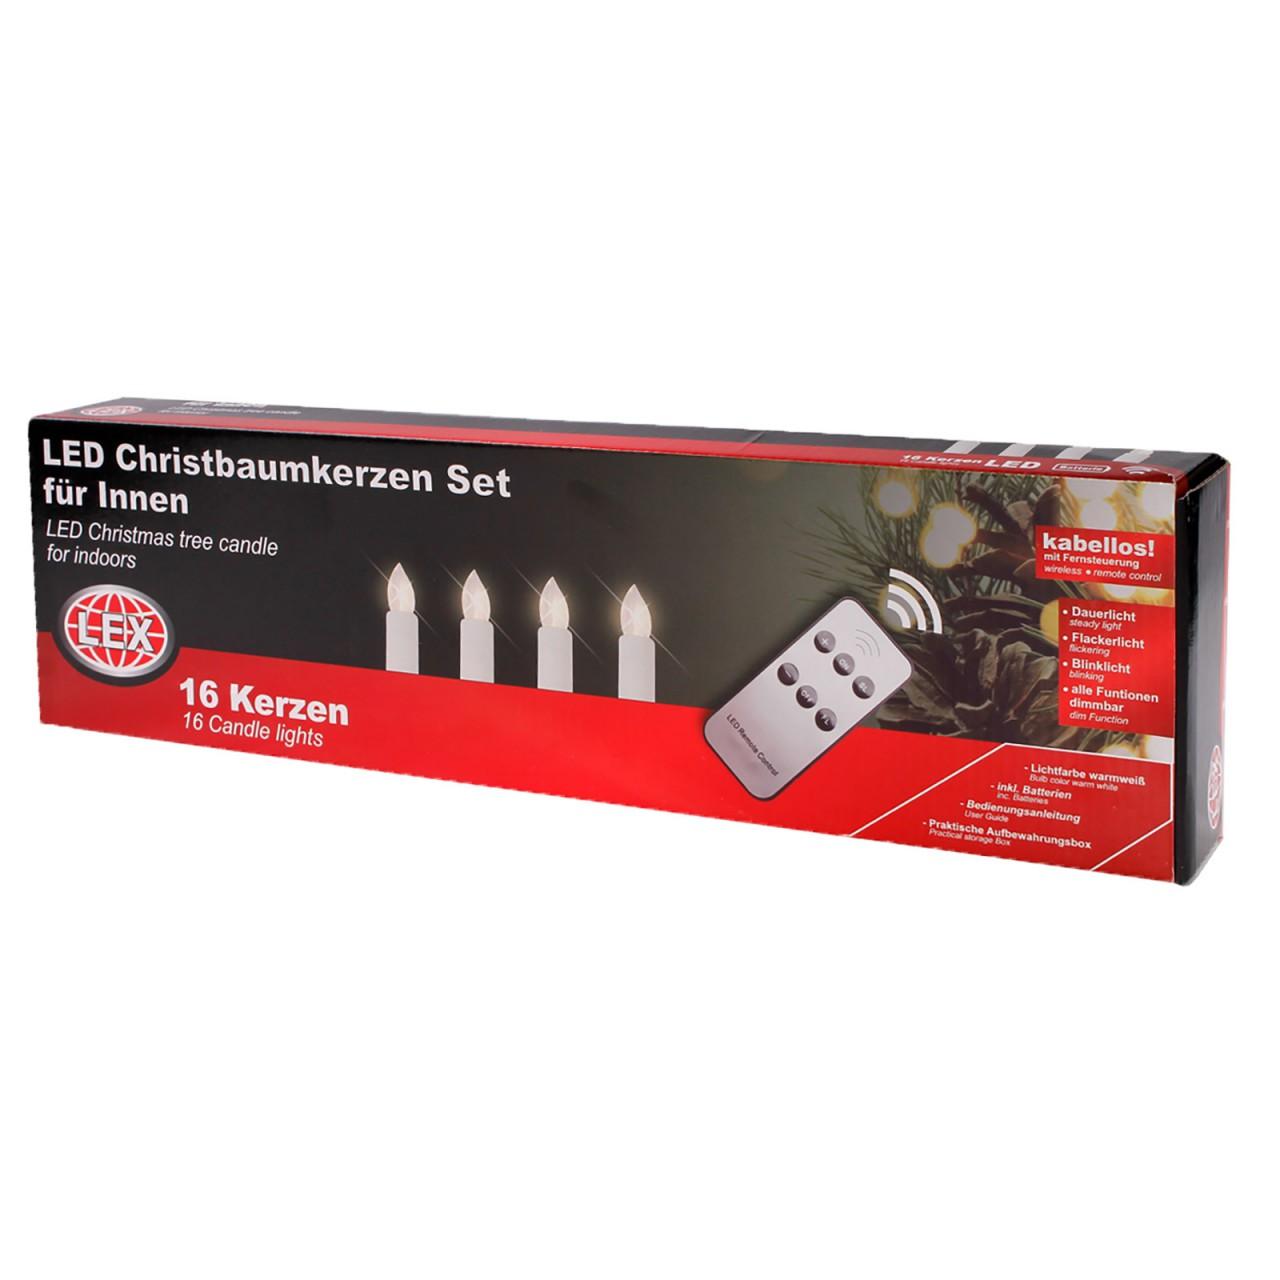 LEX 16er Set LED Christbaumkerzen einzelnd mit Clips und Fernbedienung